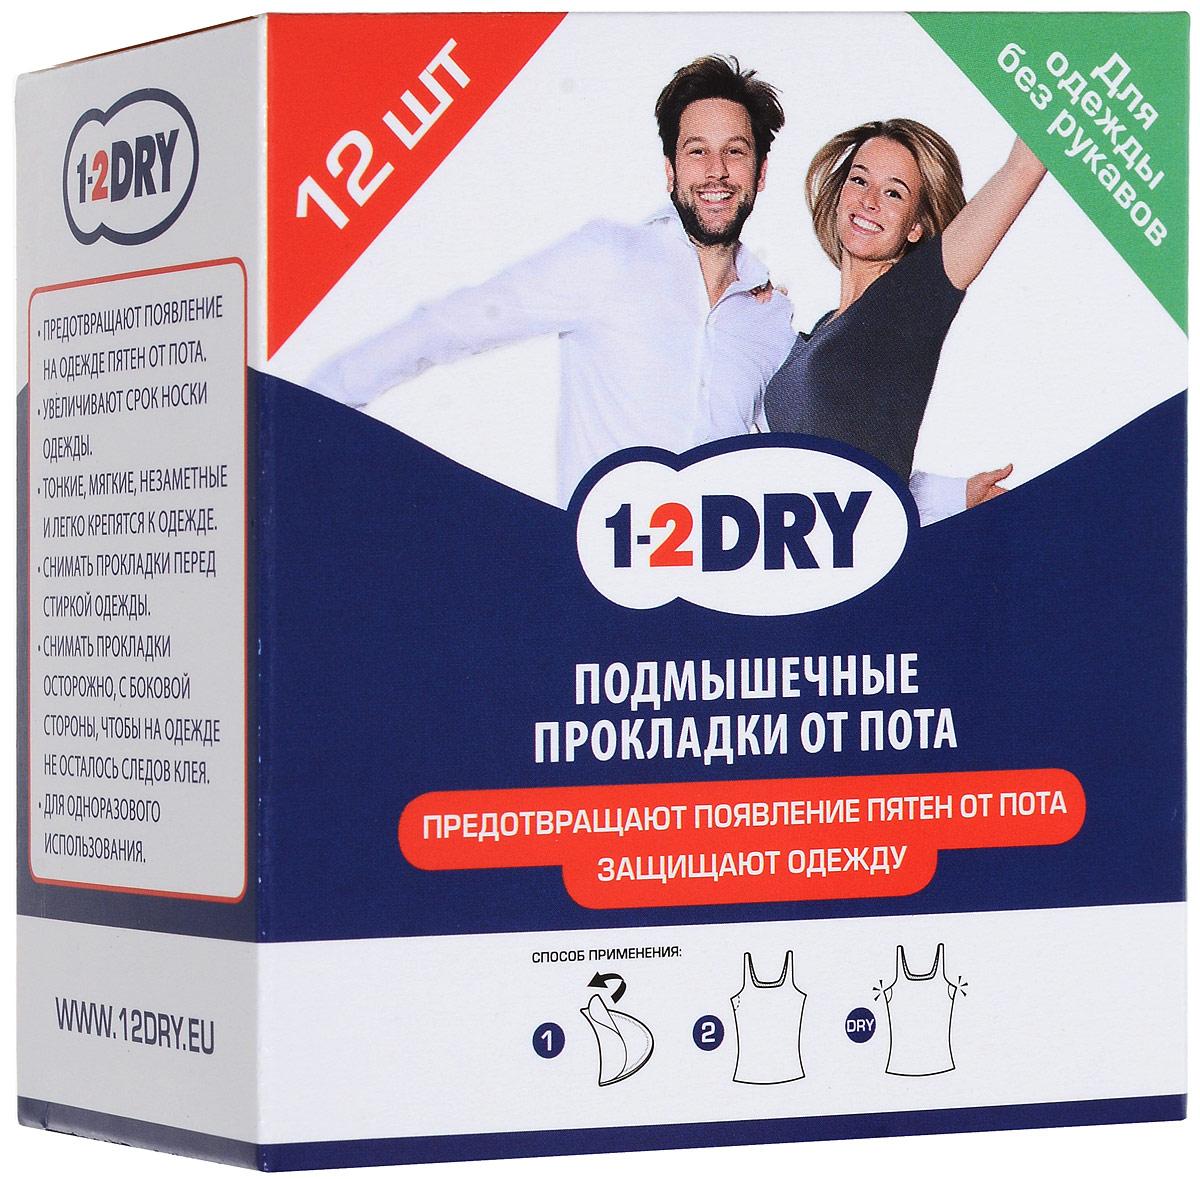 Прокладки для подмышек от пота 1-2 DRY №12 для одежды без рукавов9Прокладки для подмышек от пота 1-2 DRY №12 для одежды без рукавов